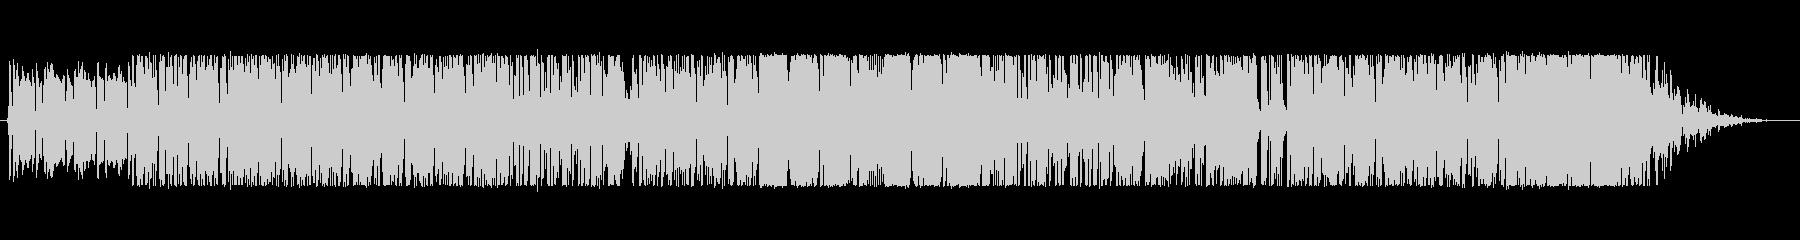 ツインドラムス&ベースの重量サウンドを!の未再生の波形